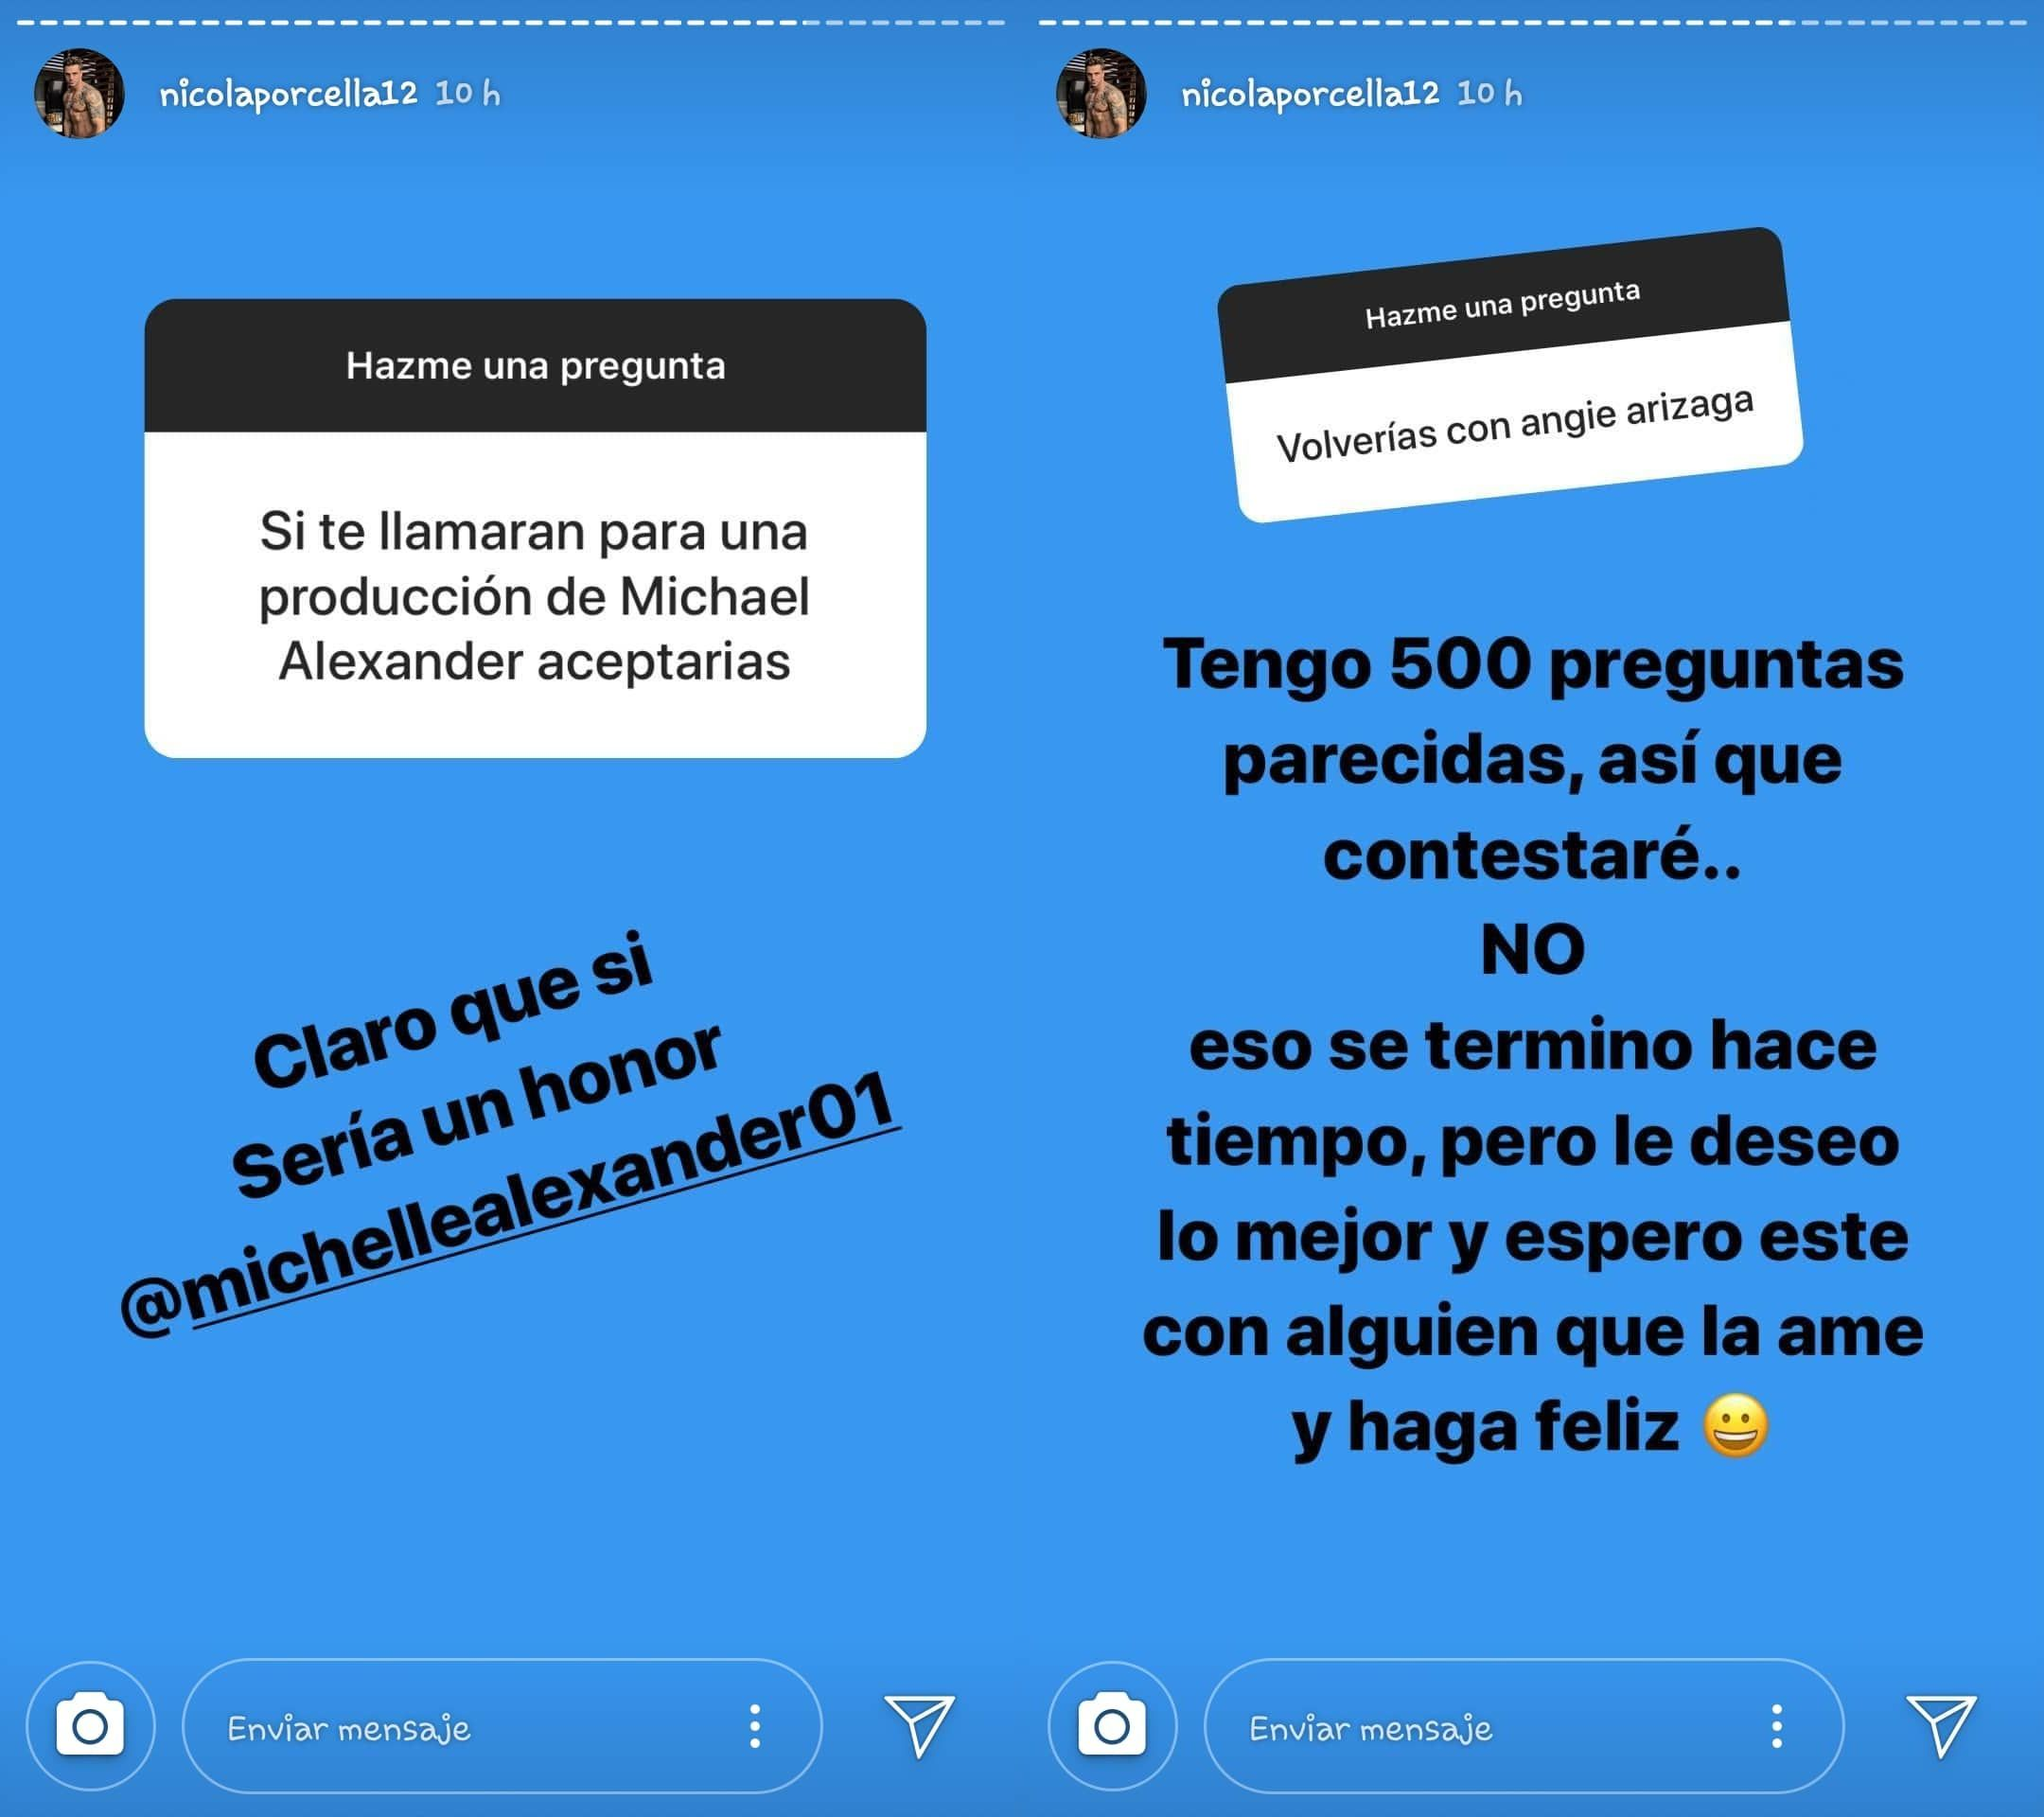 Nicola Porcela aseguró que no retomará su relación con Angie Arizaga e indicó que le desea lo mejor. (Foto: @nicolaporcella12)